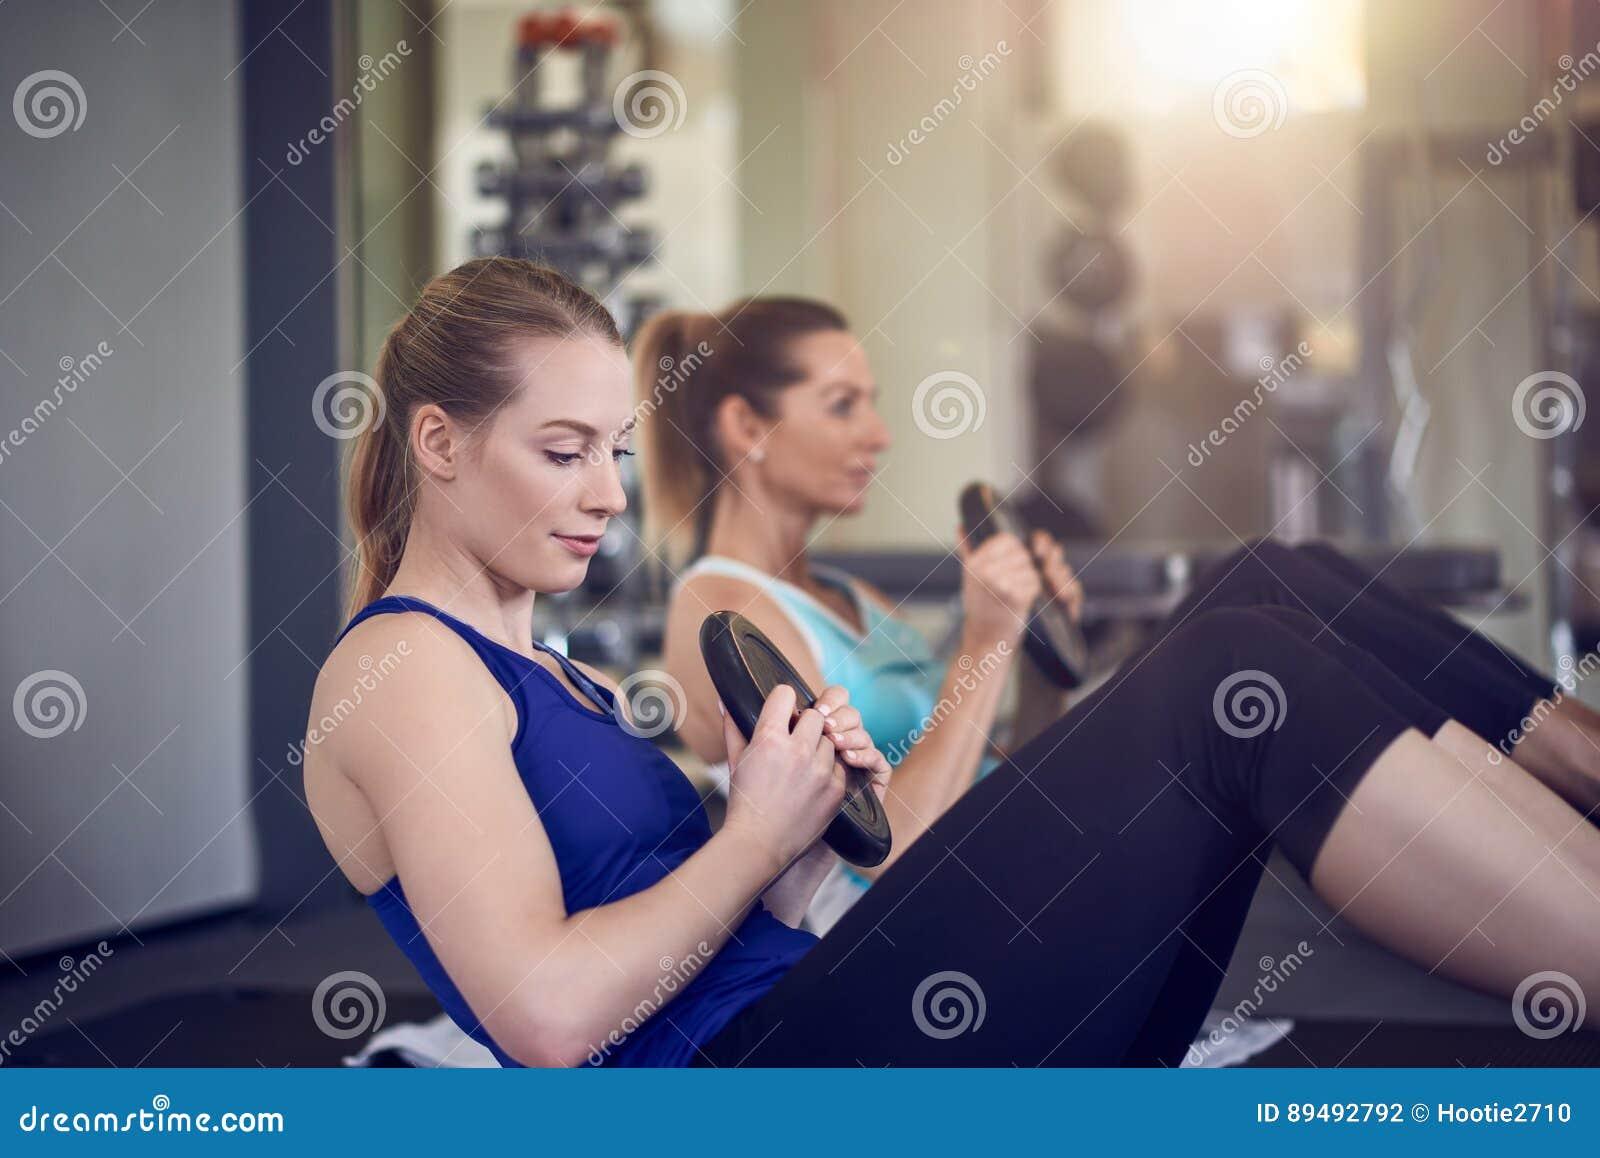 Ζευγάρι των νέων ενήλικων γυναικών που κάνουν τις κοιλιακές ασκήσεις μυών